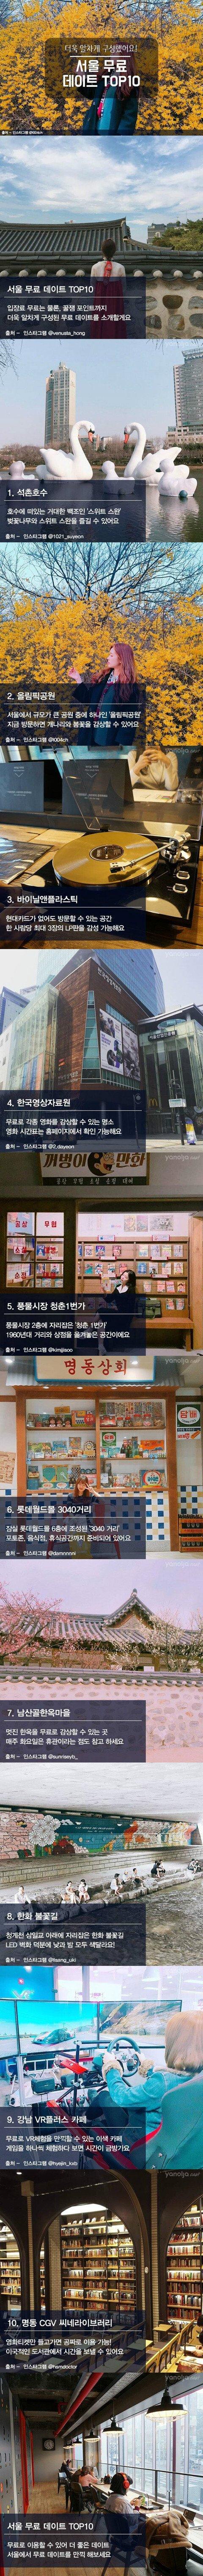 서울 무료 데이트장소 탑10 코로나 끝나고 데이트